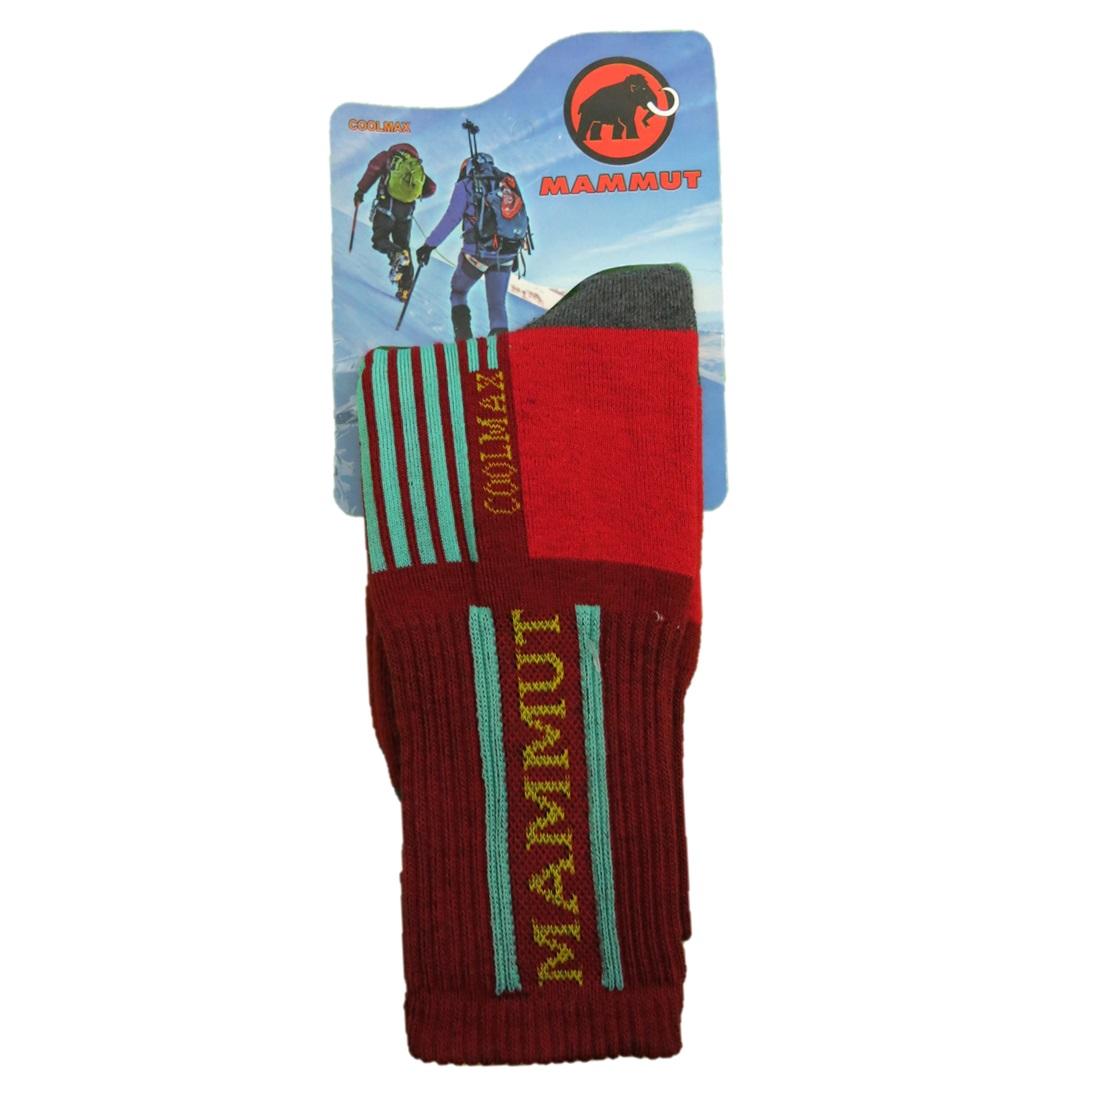 جوراب کوهنوردی مردانه ماموت مدل SO_09